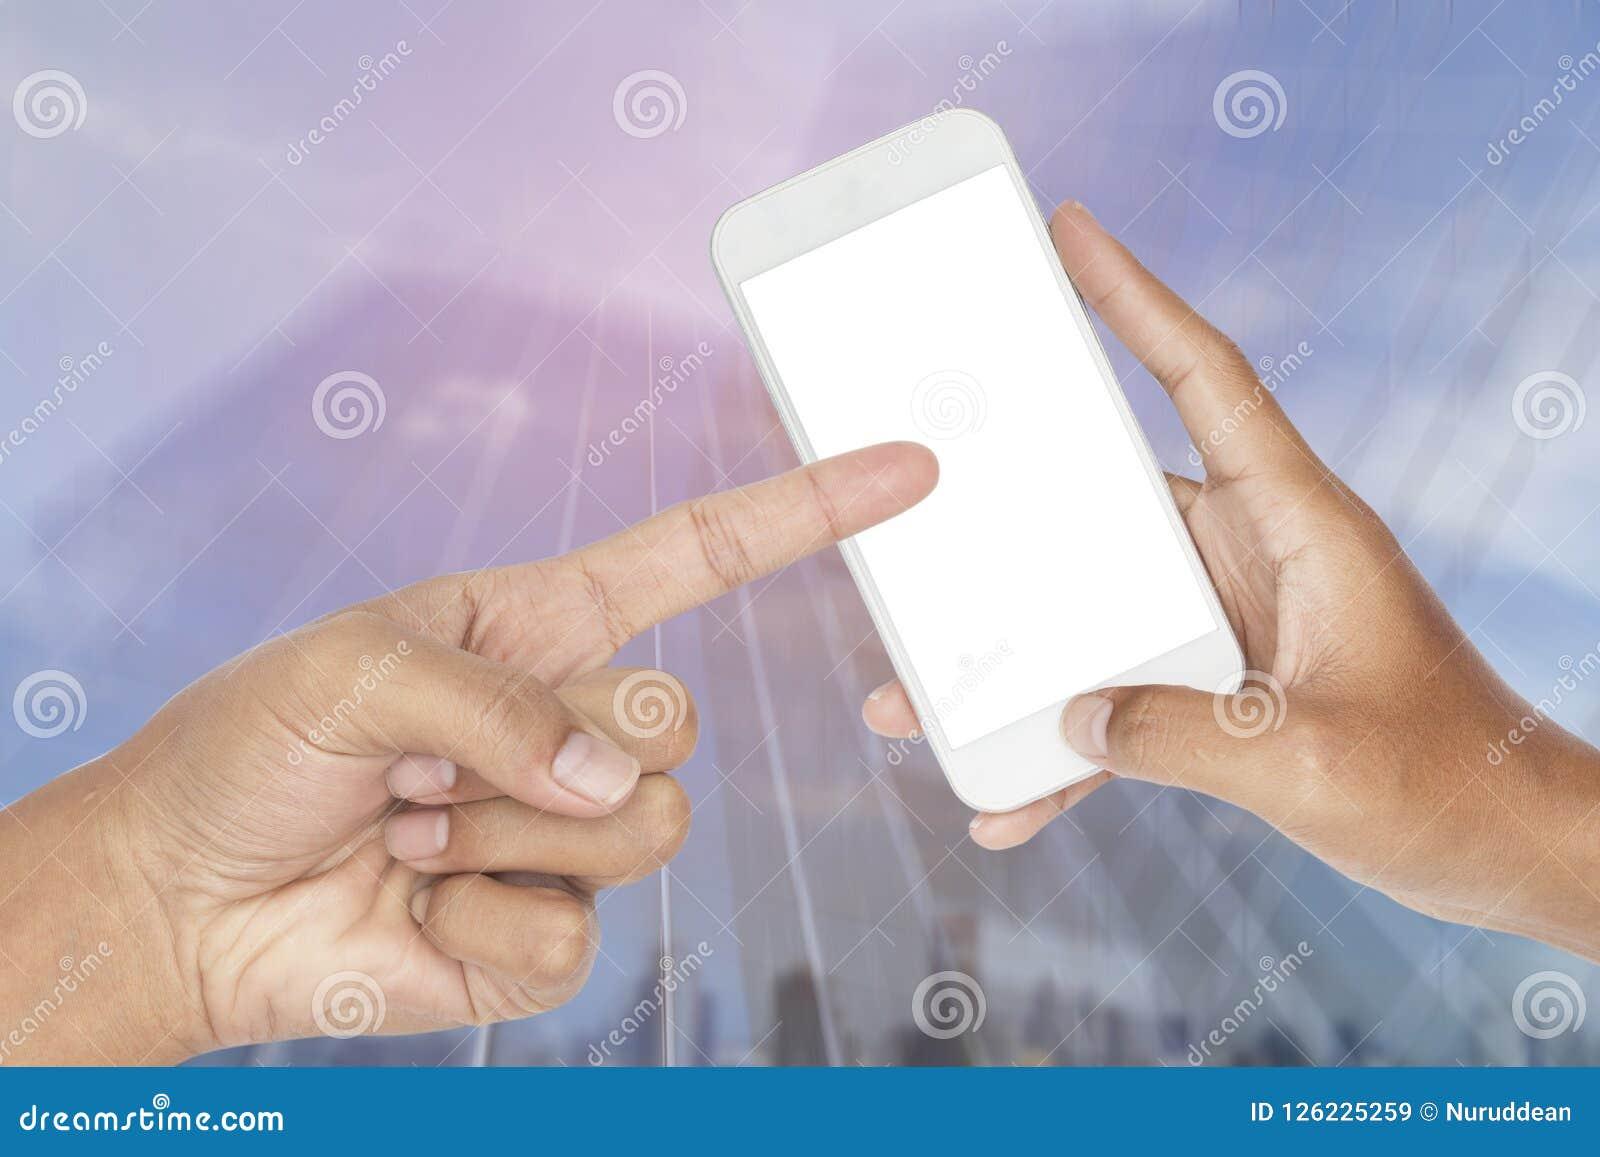 Entregue guardar o telefone esperto moderno com movimento borrado sumário da construção de vidro moderna